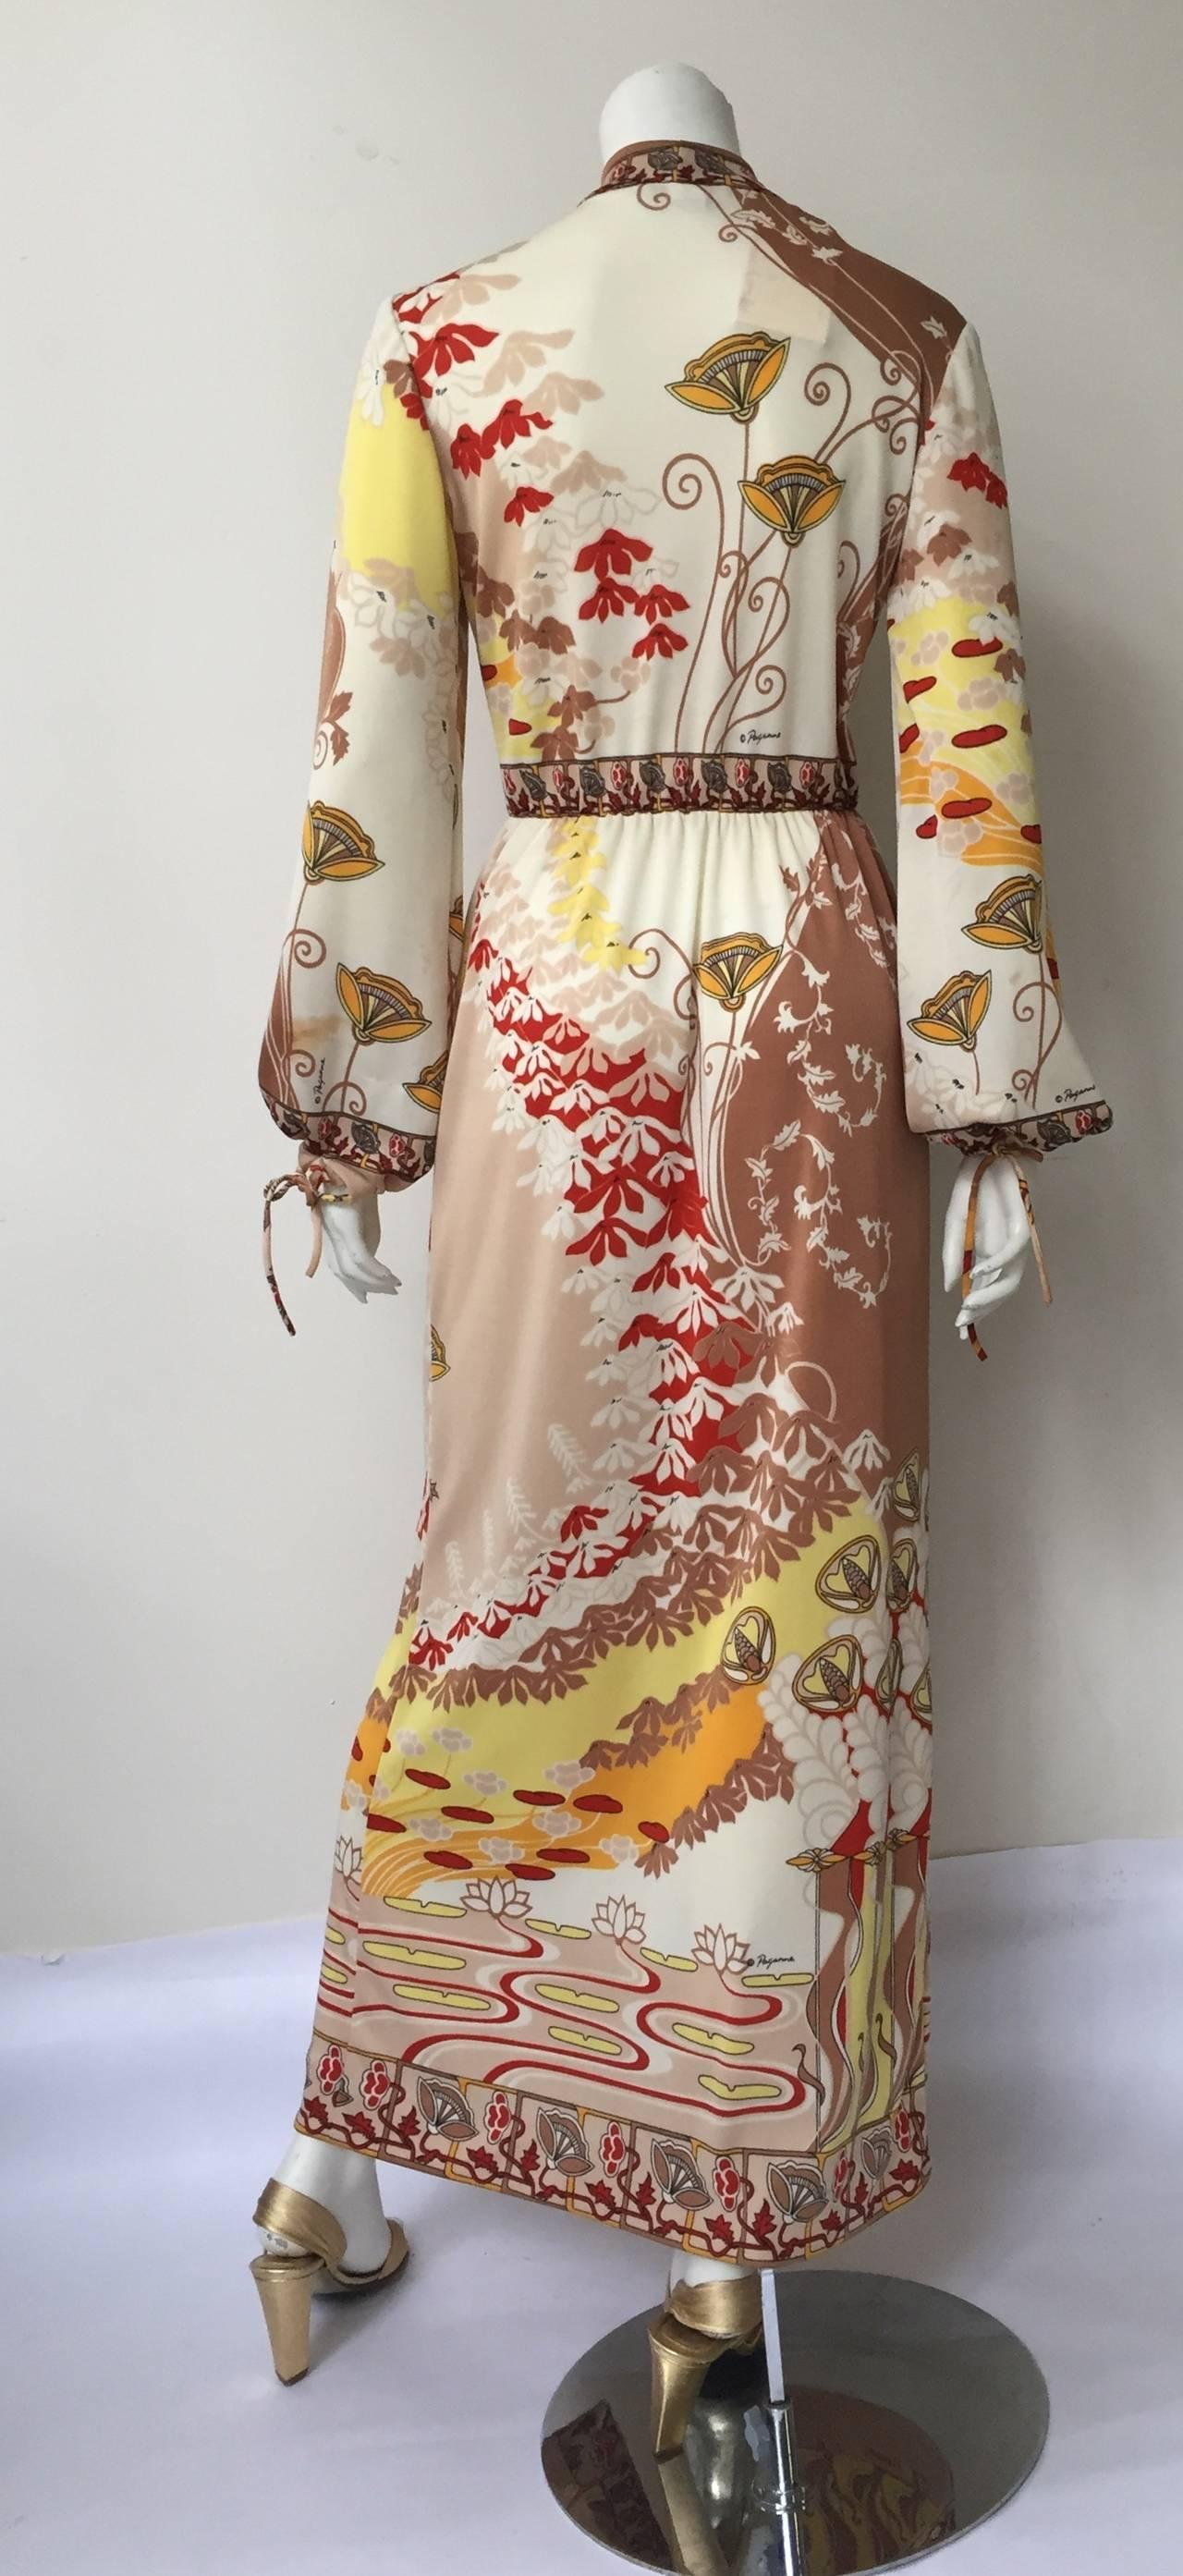 Paganne by Gene Berk 70s Asian landscape maxi dress size 4/6. 3